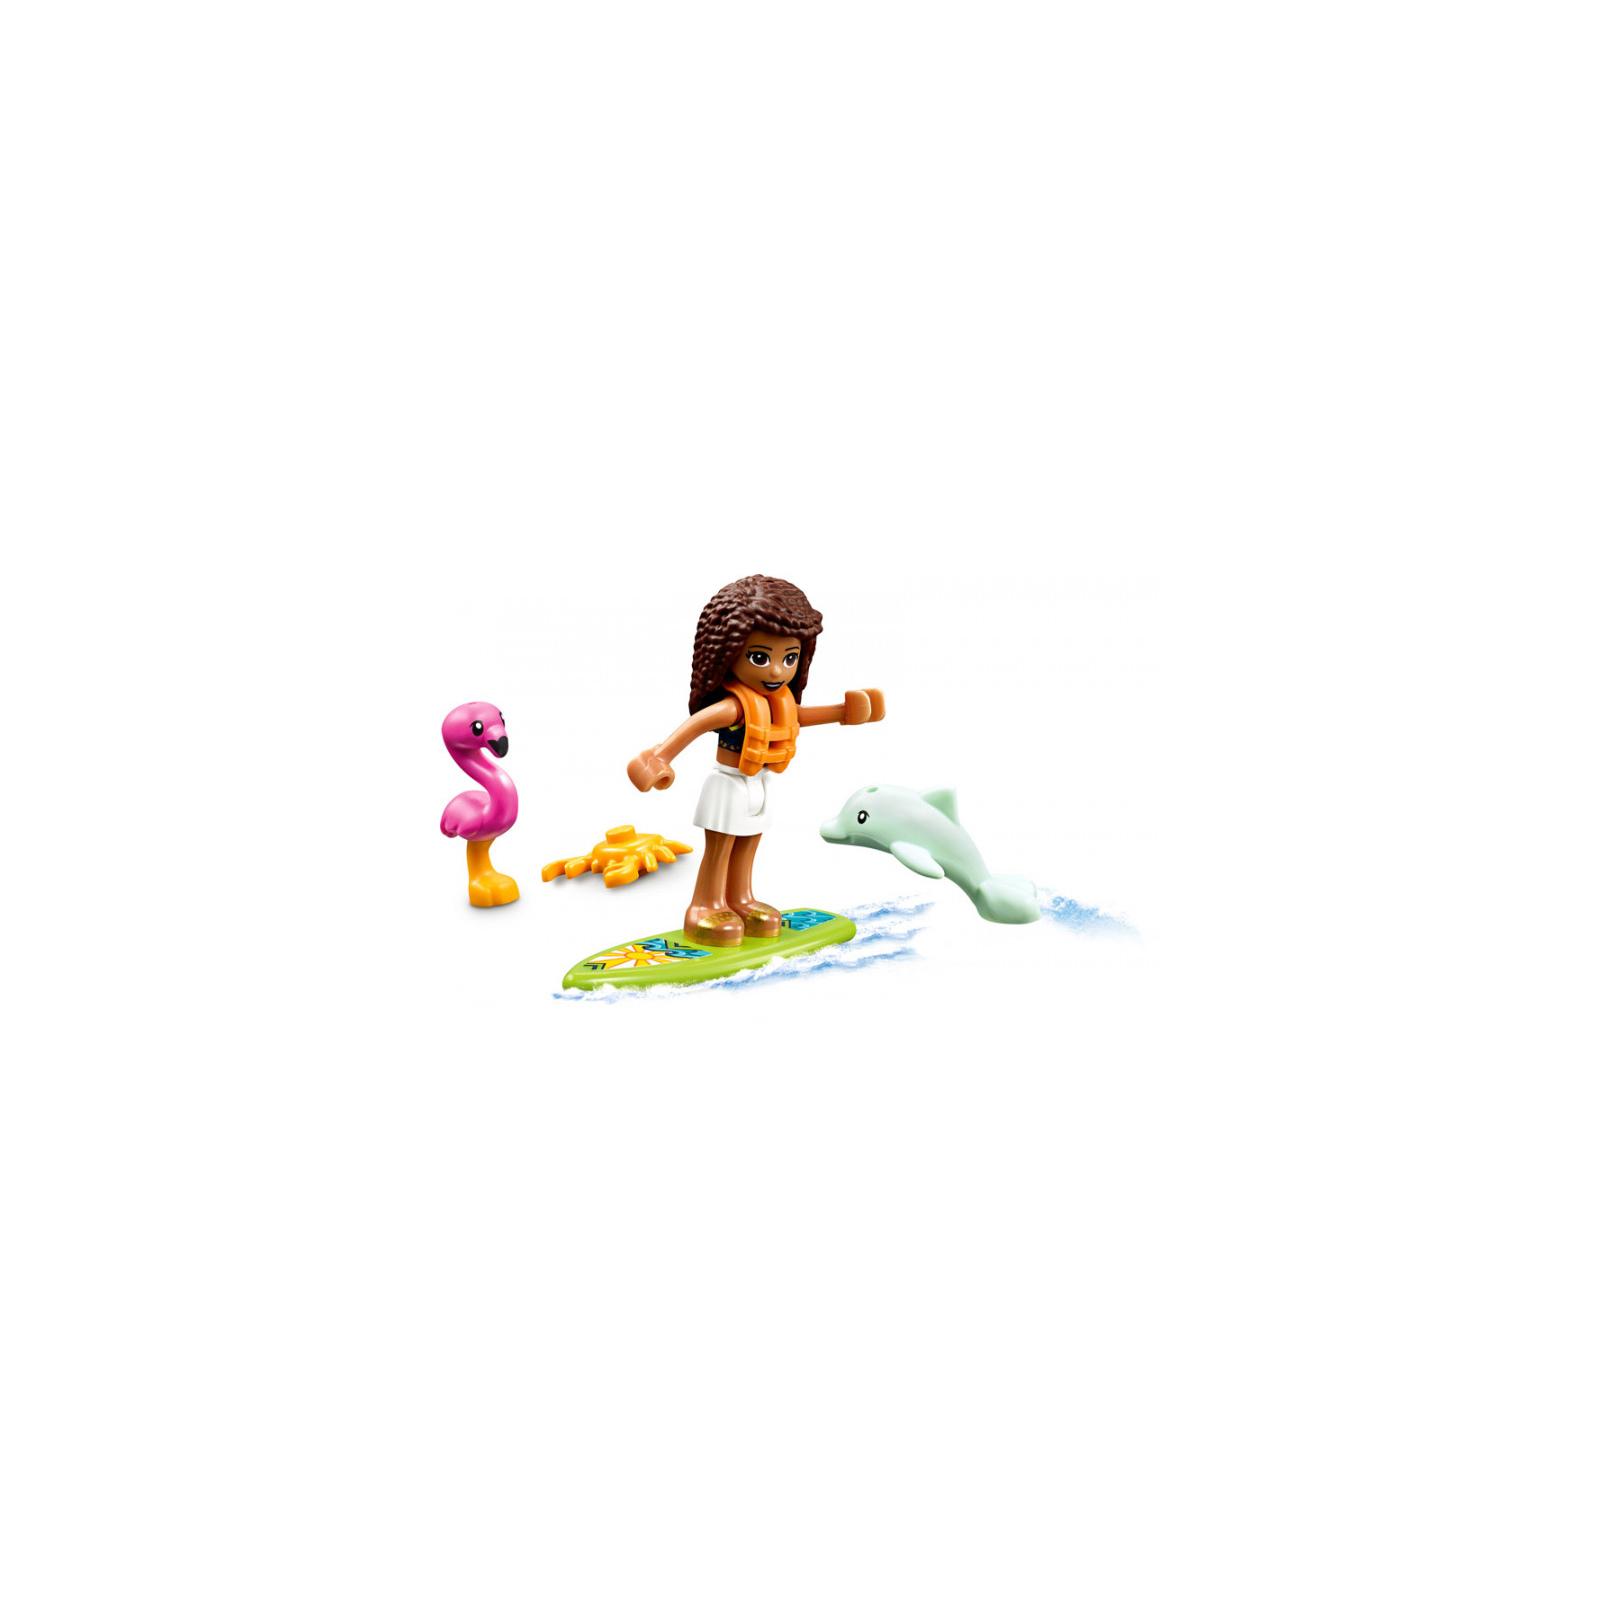 Конструктор LEGO Friends Пляжный домик 444 детали (41428) изображение 6